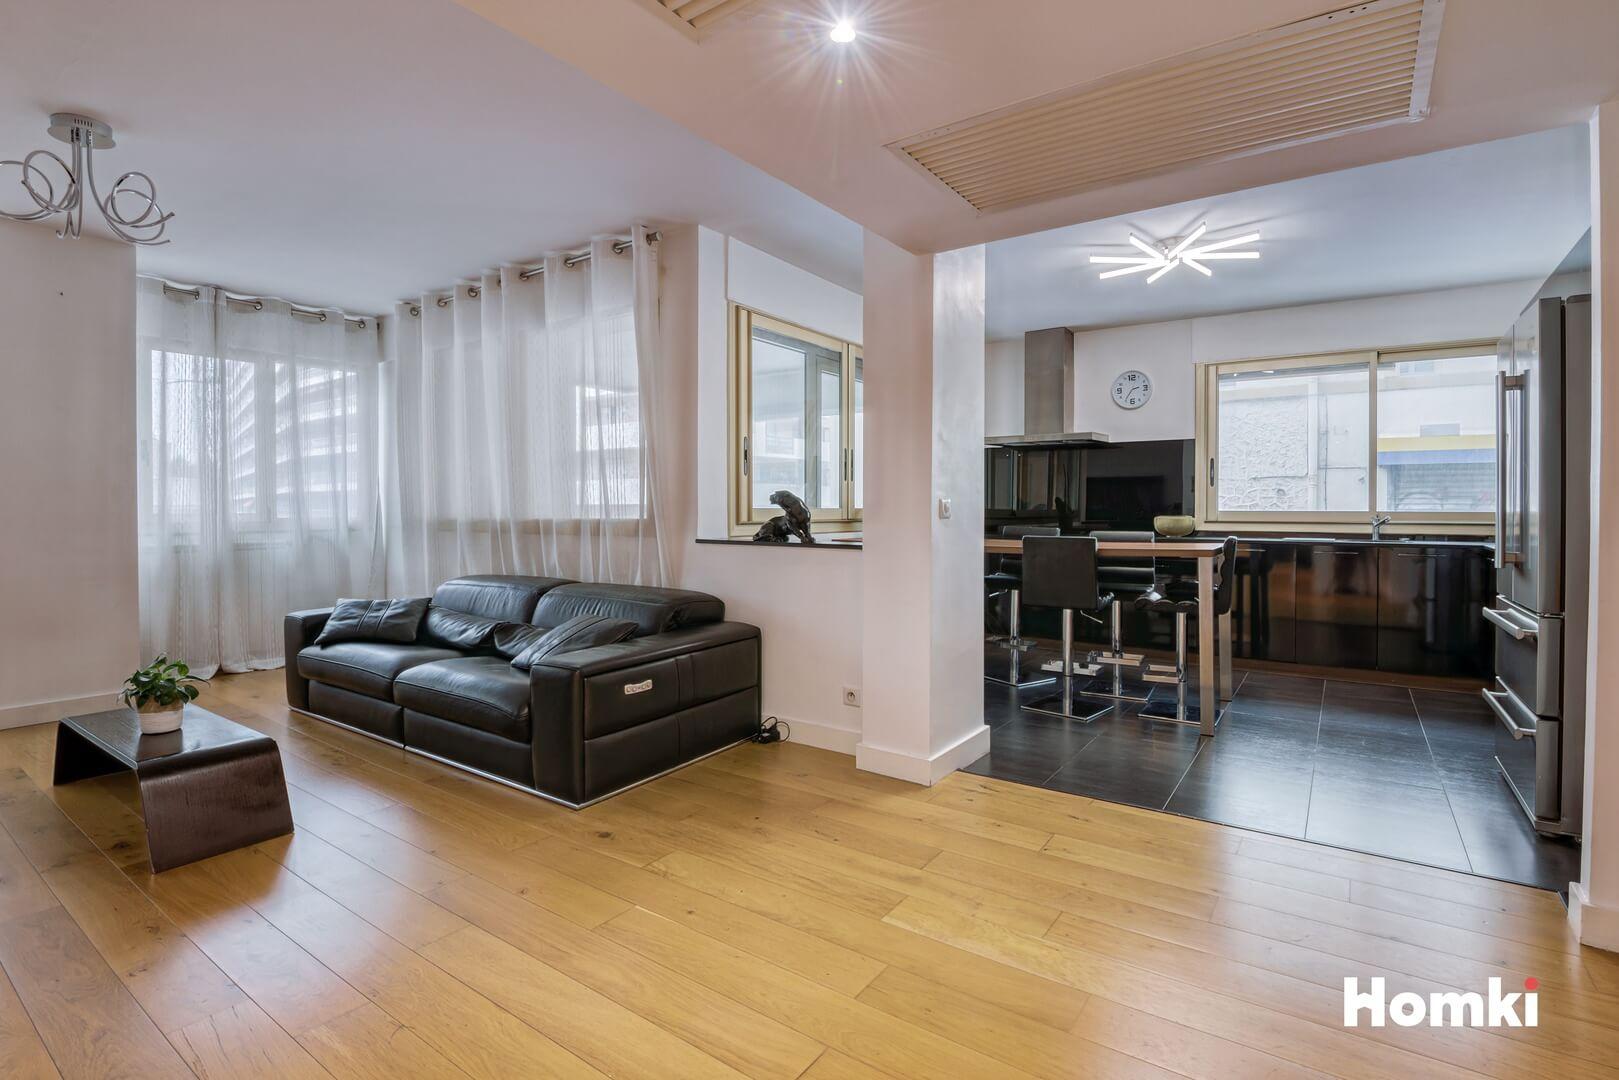 Homki - Vente Appartement  de 111.0 m² à Marseille 13001